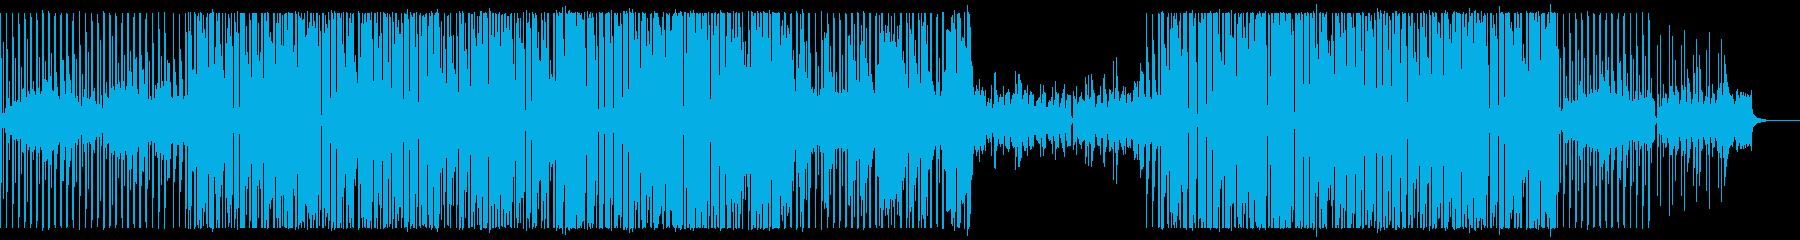 【ハウスミュージック】テンポよくノリノリの再生済みの波形